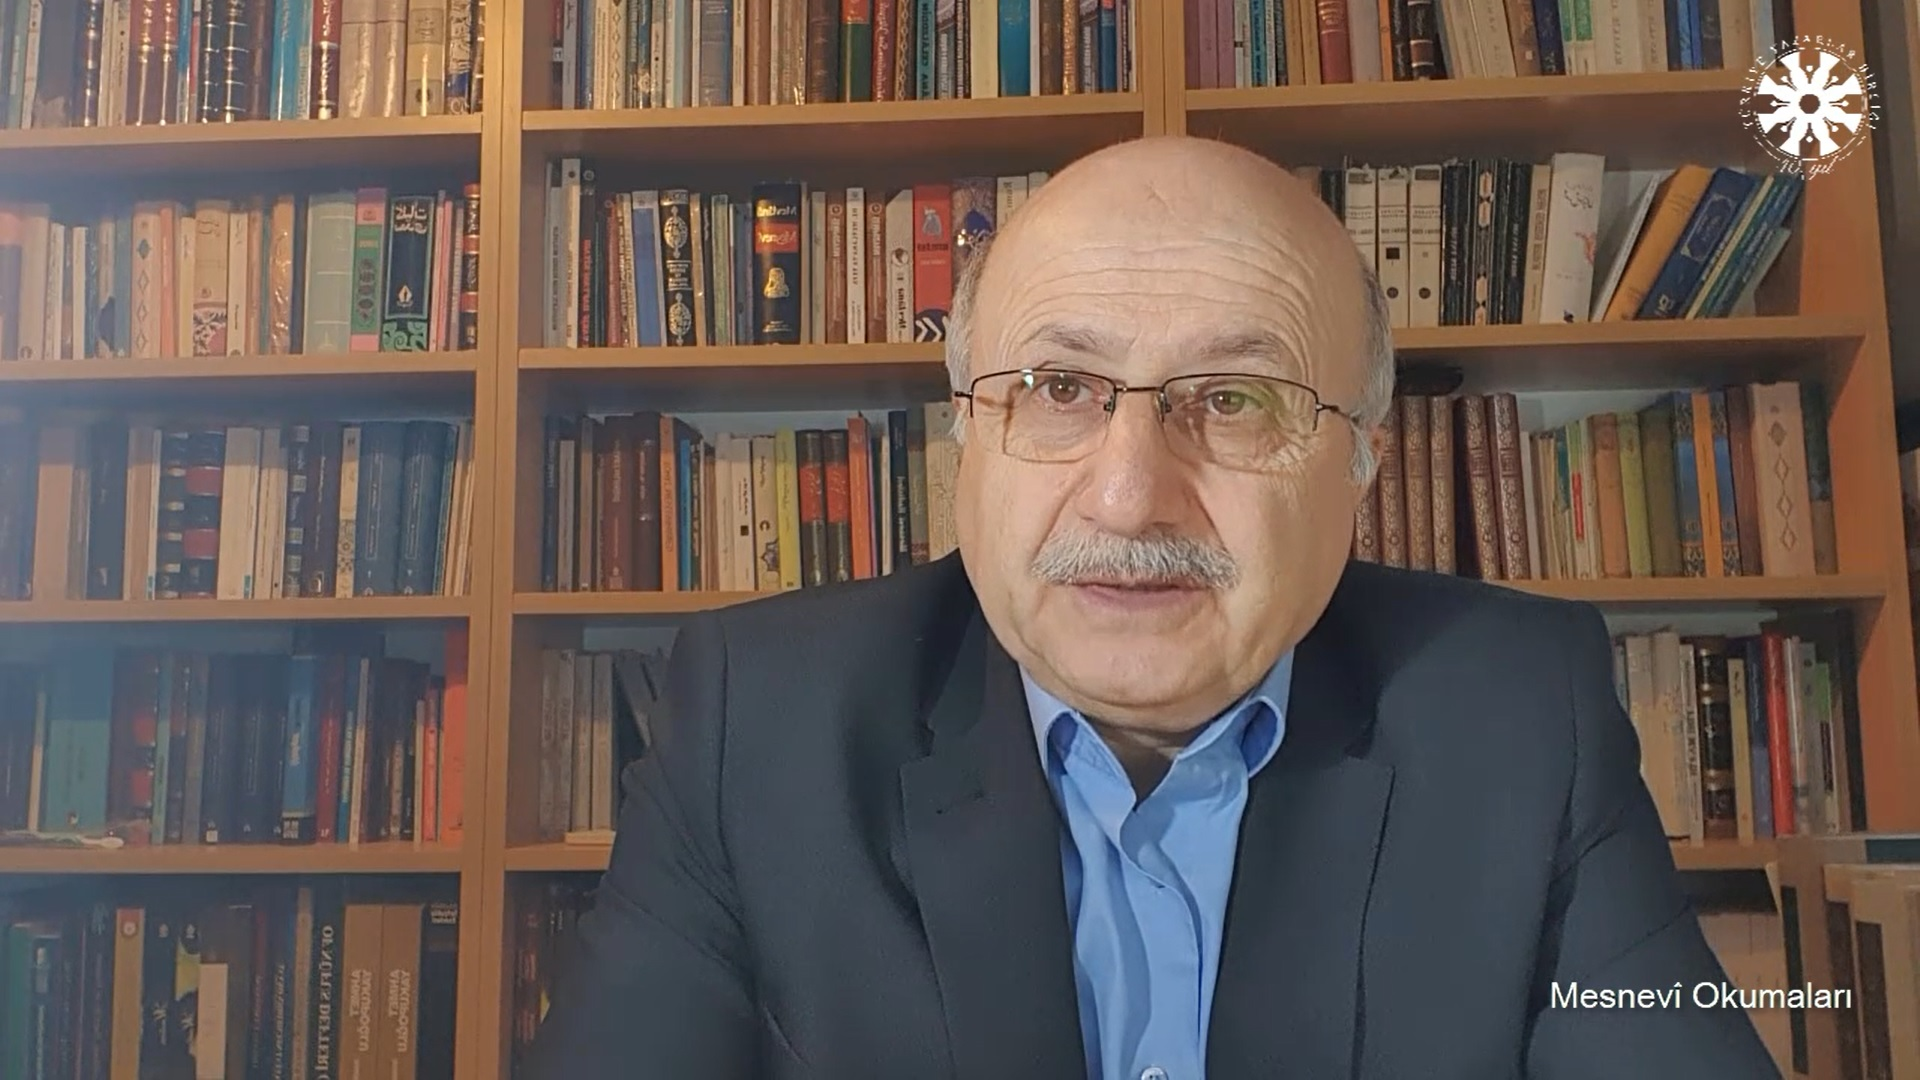 Mesnevî Okumaları -99- Prof. Dr. Adnan Karaismailoğlu